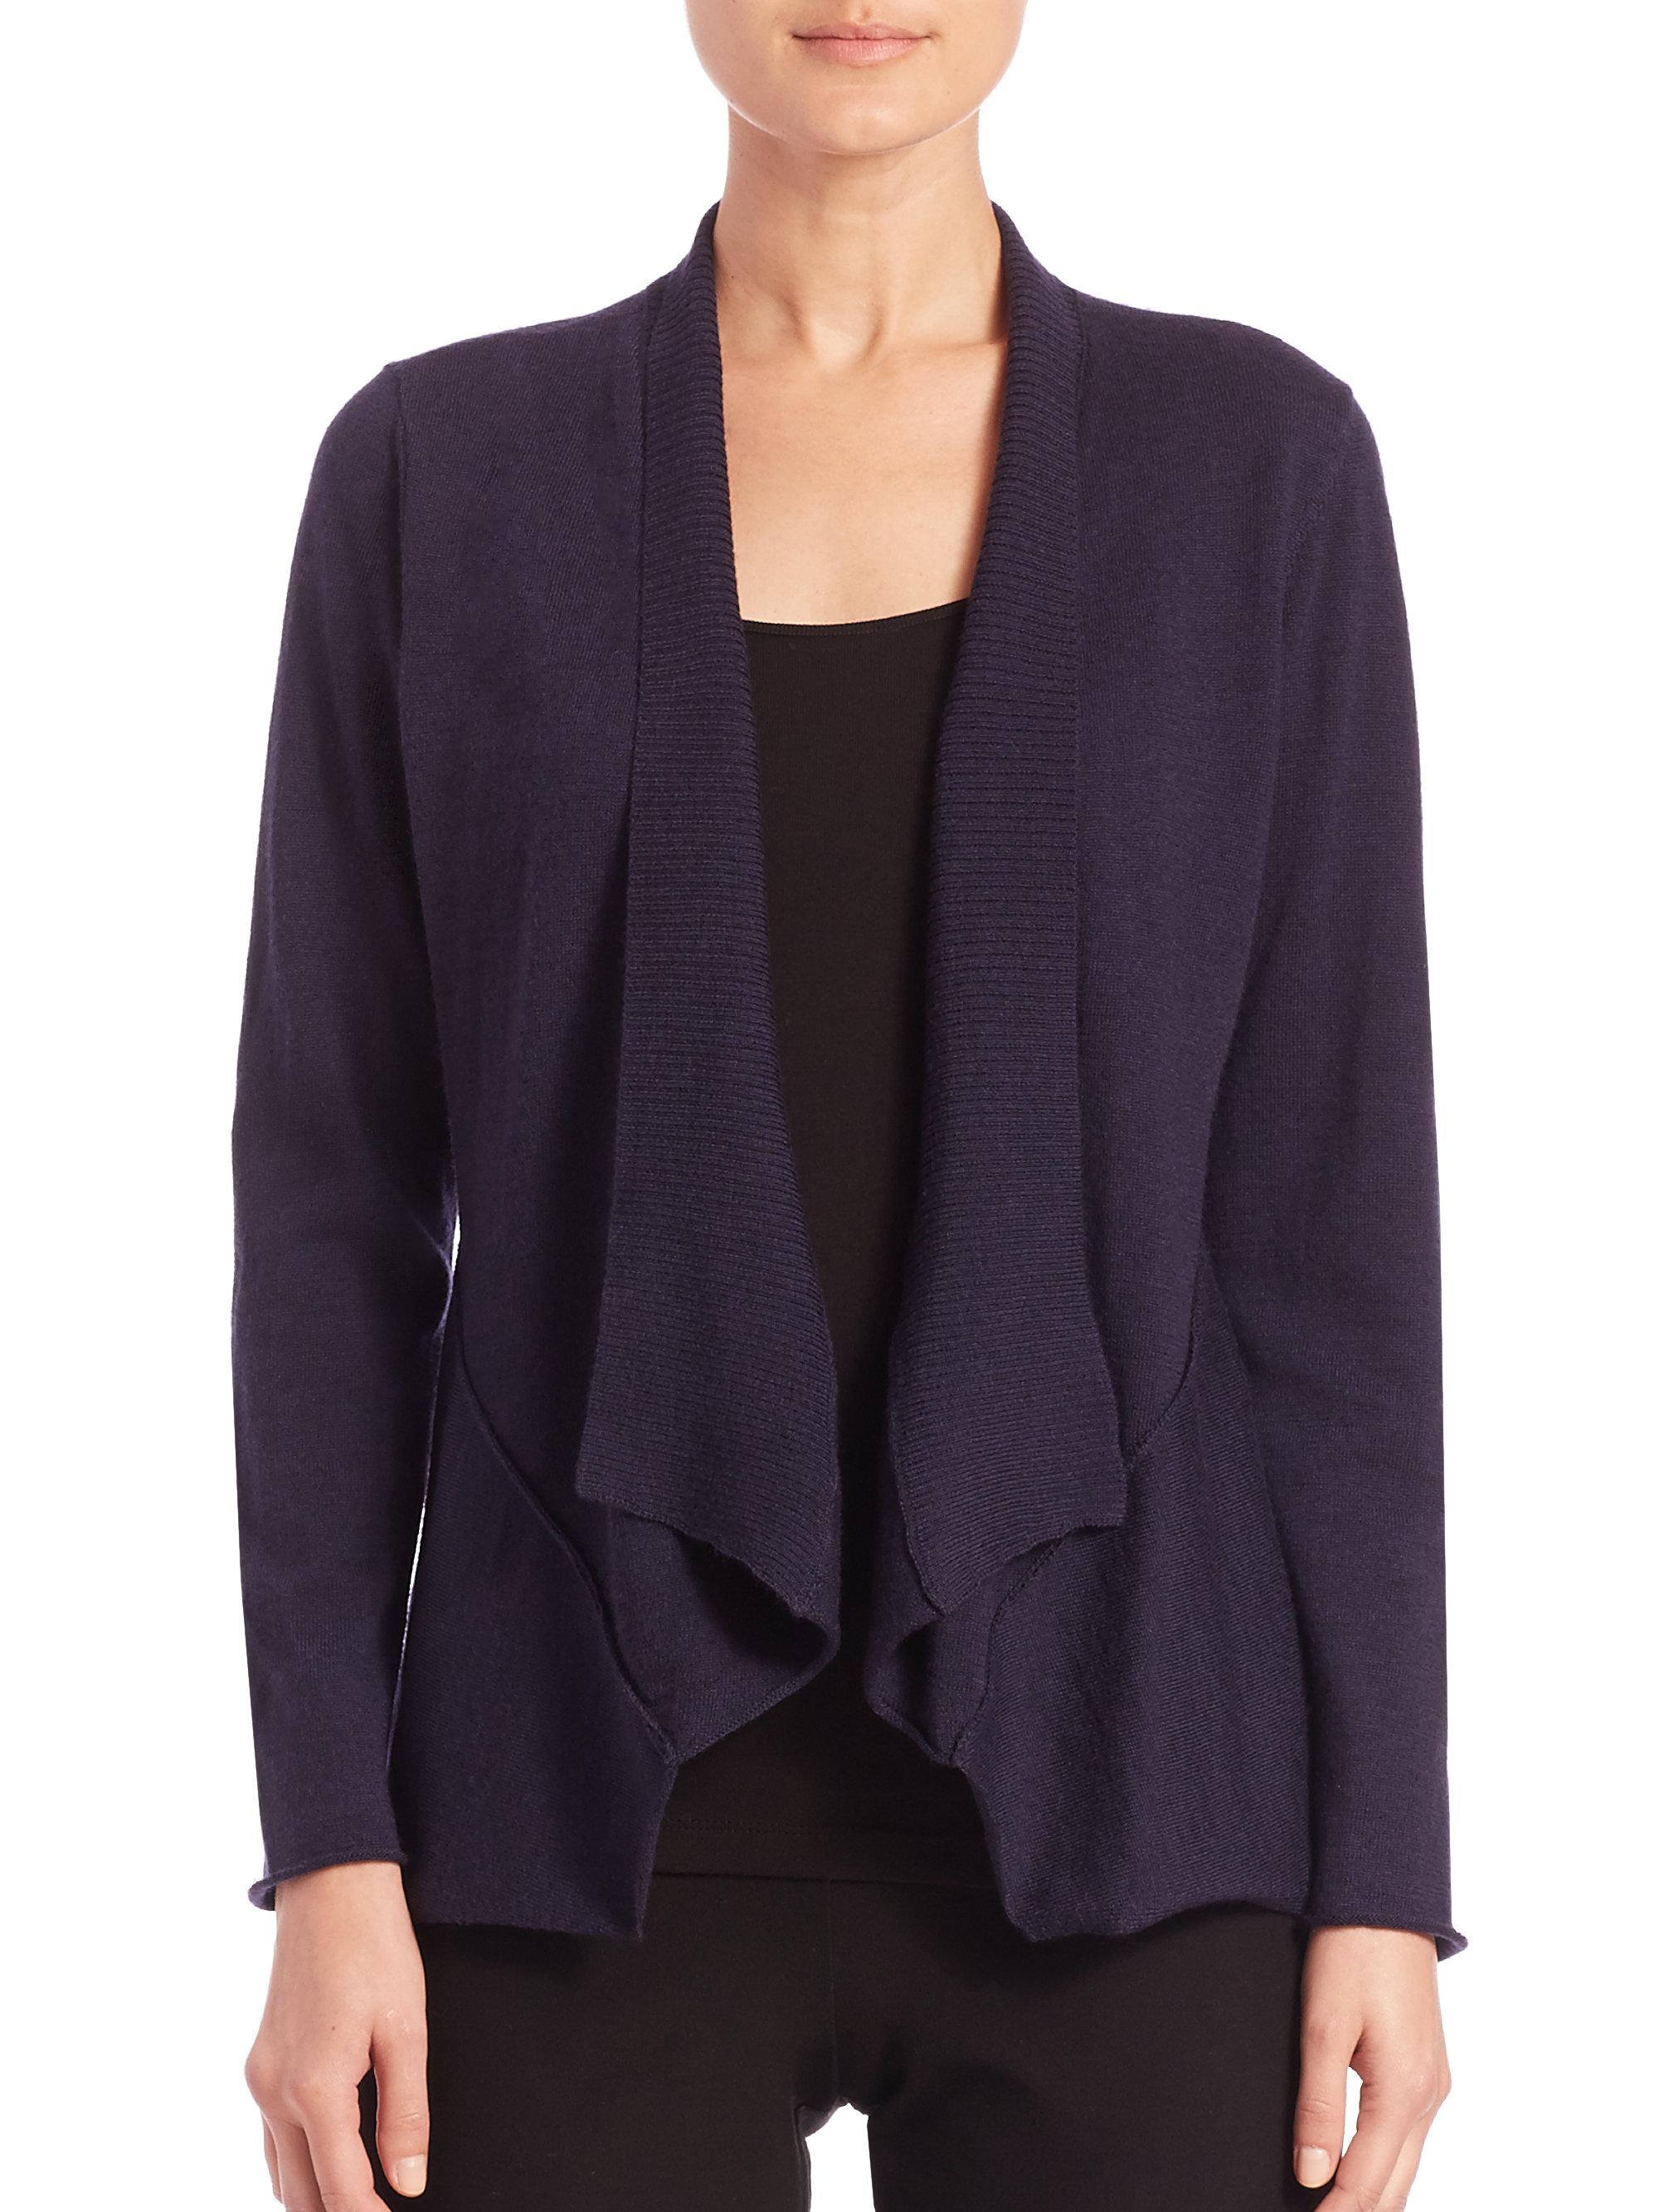 Eileen fisher Merino Wool Open Cardigan in Black | Lyst